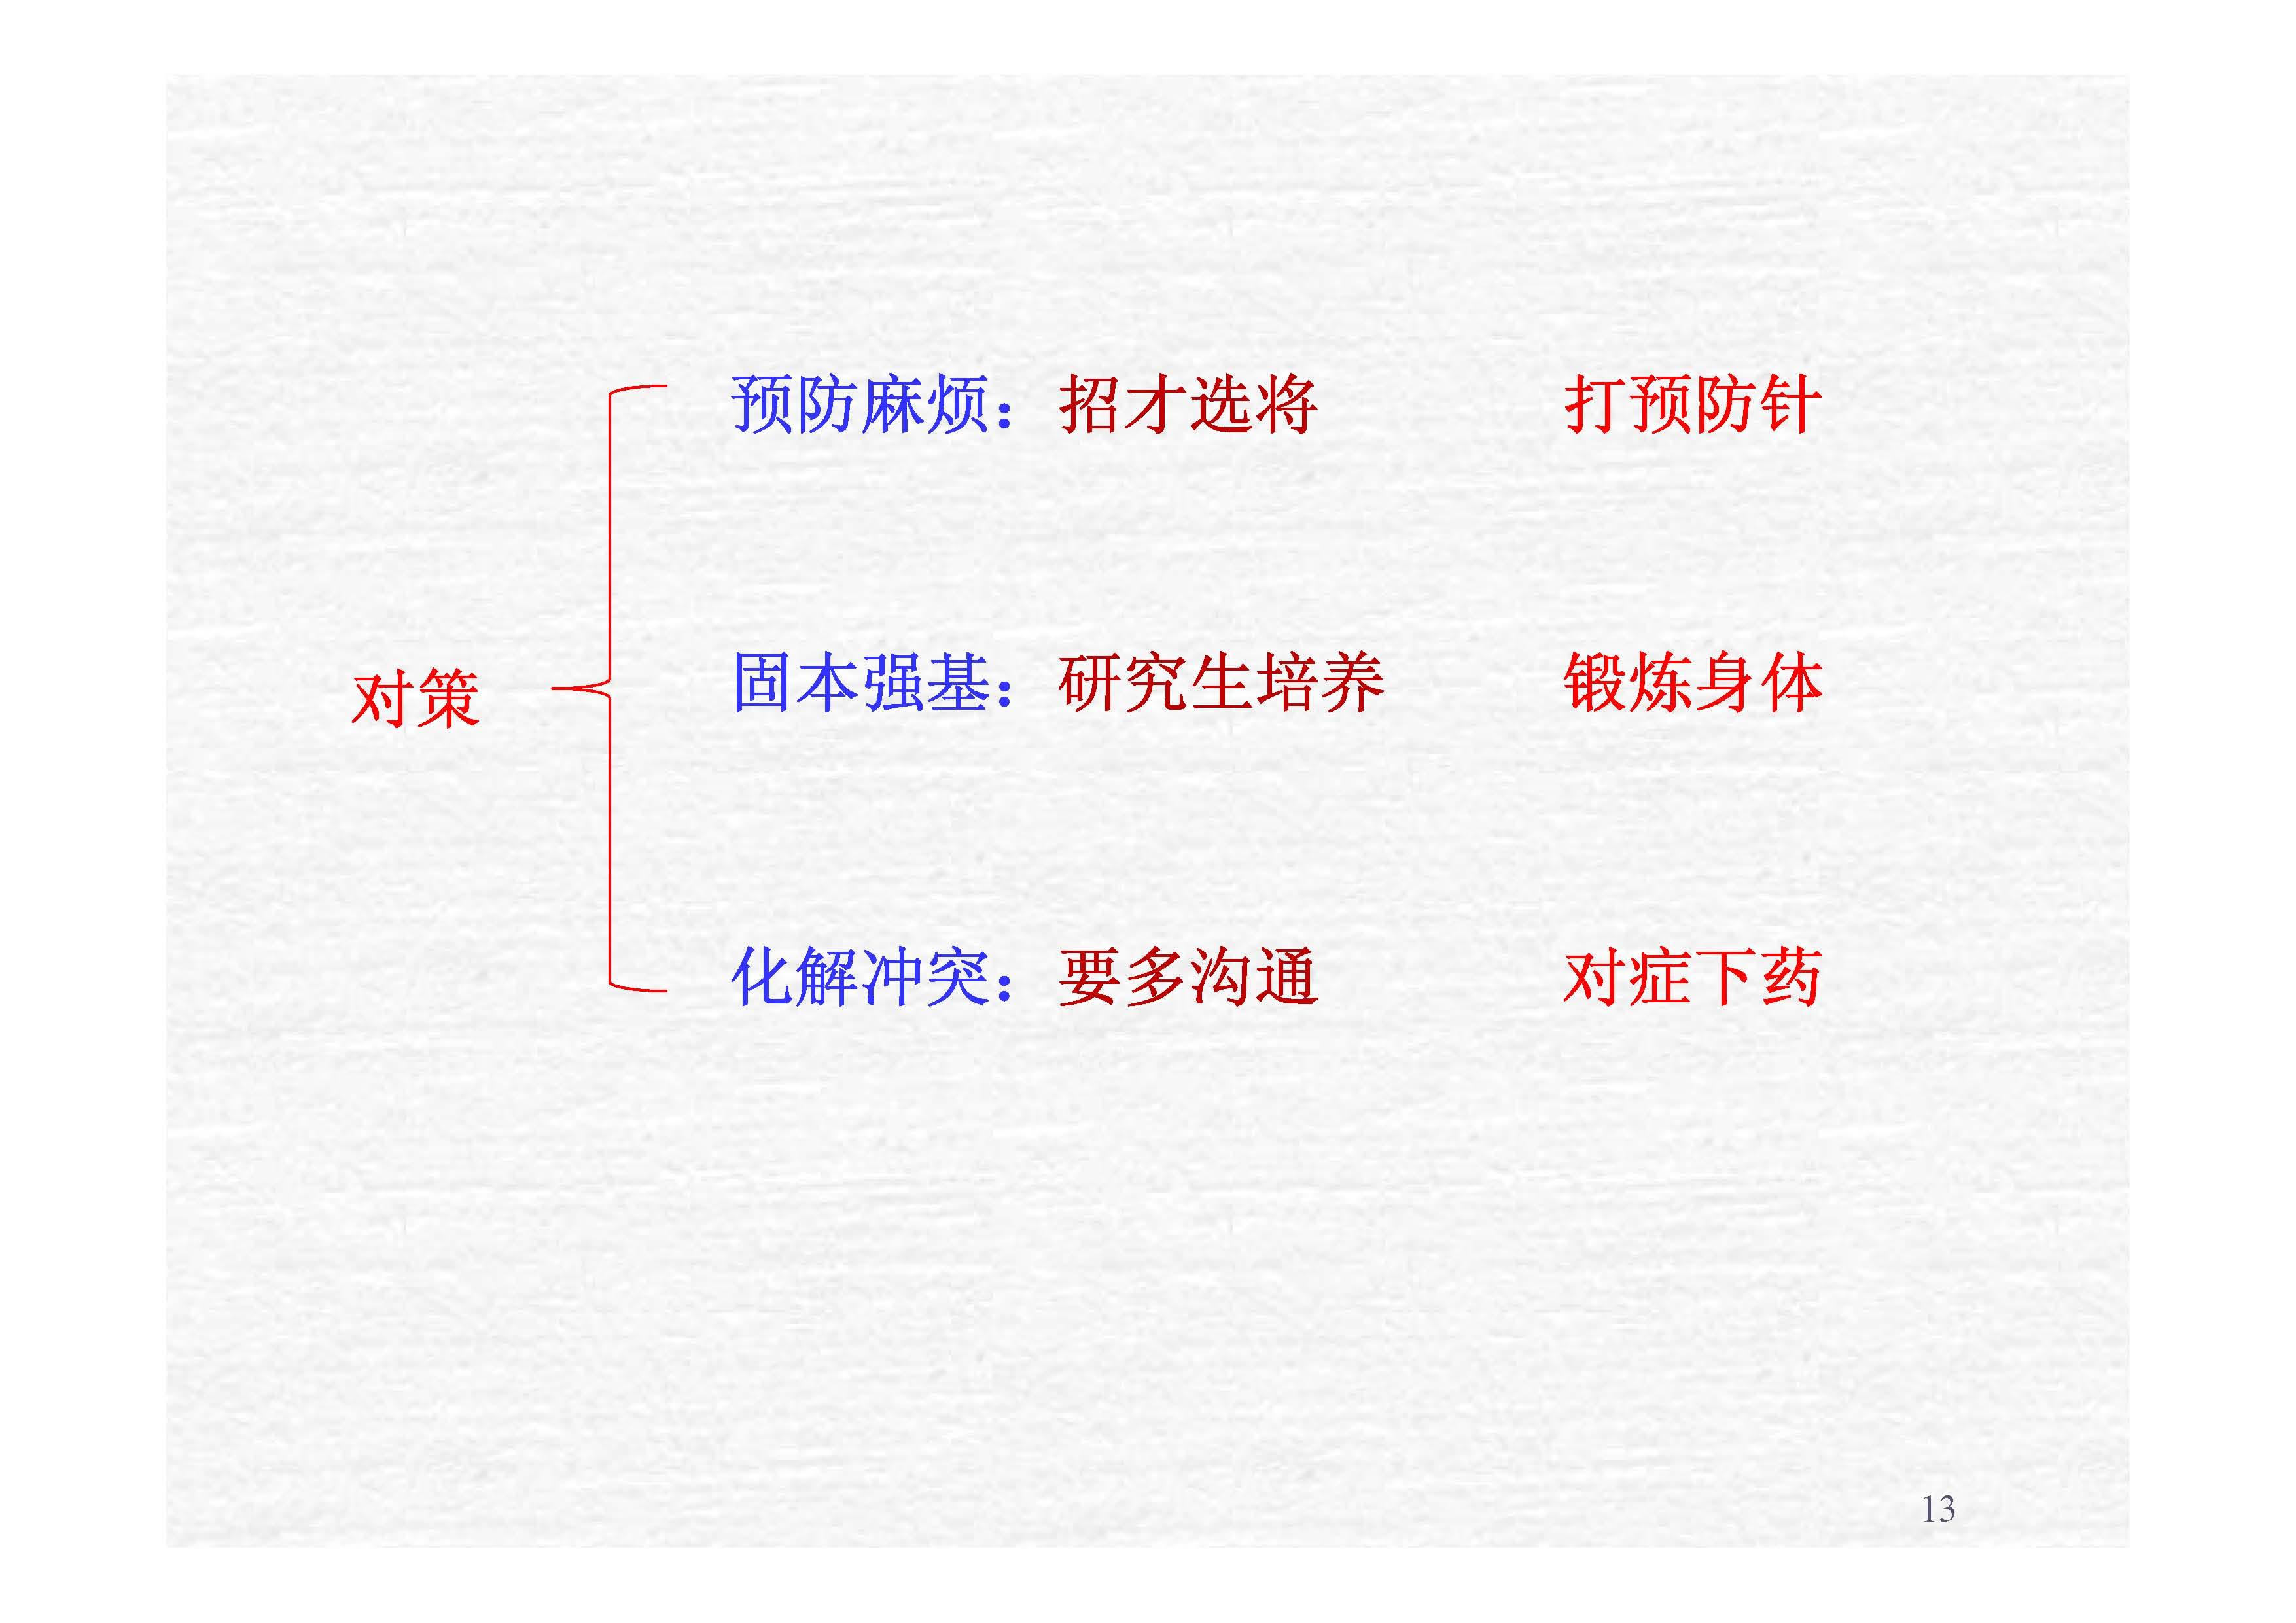 研究生师生矛盾及其化解对策-修订版-10_页面_13.jpg